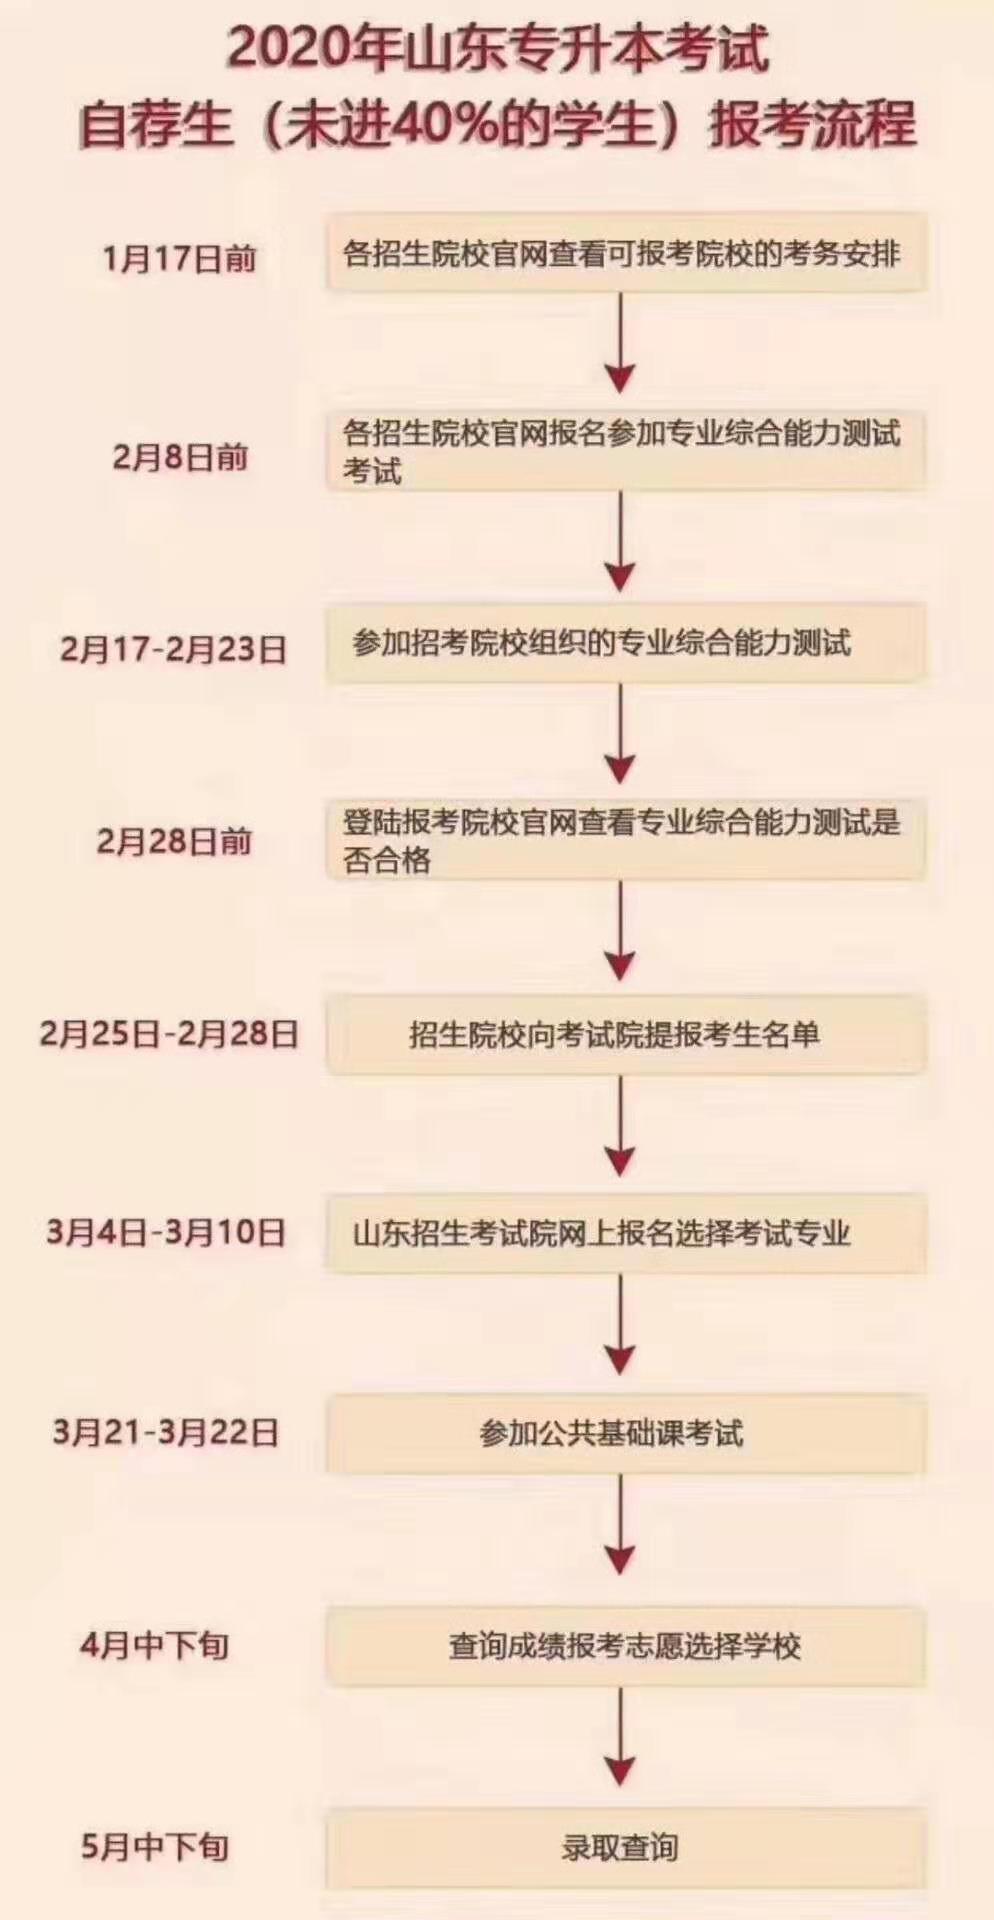 2021山东省专升本考试会取消自荐吗